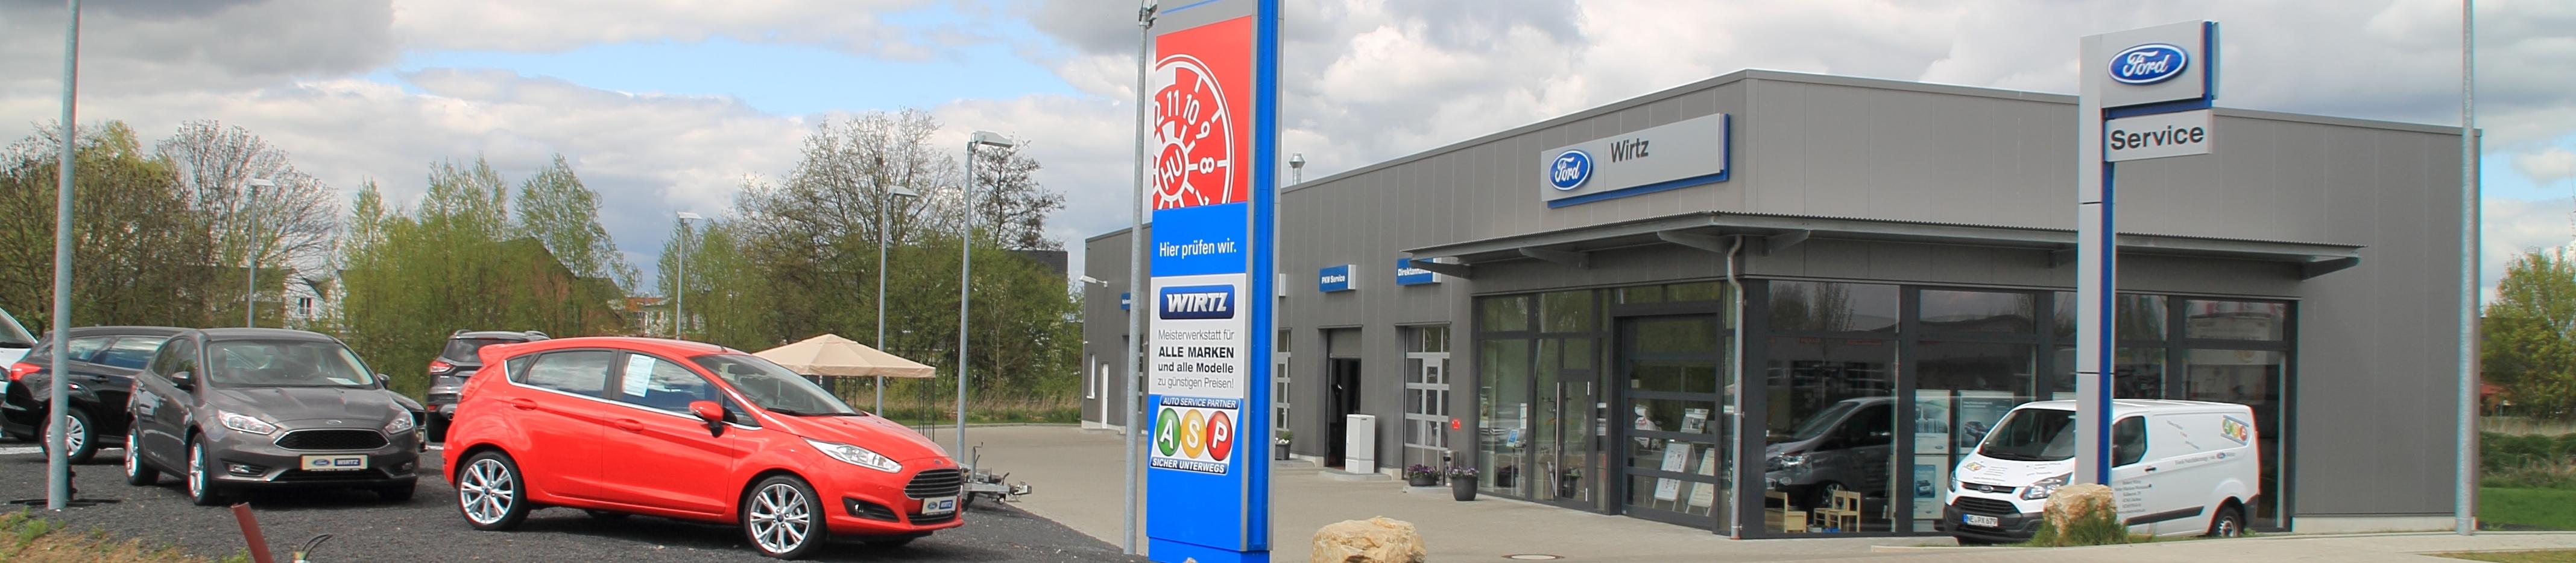 Autohaus bei Neuss Robert Wirtz Ford